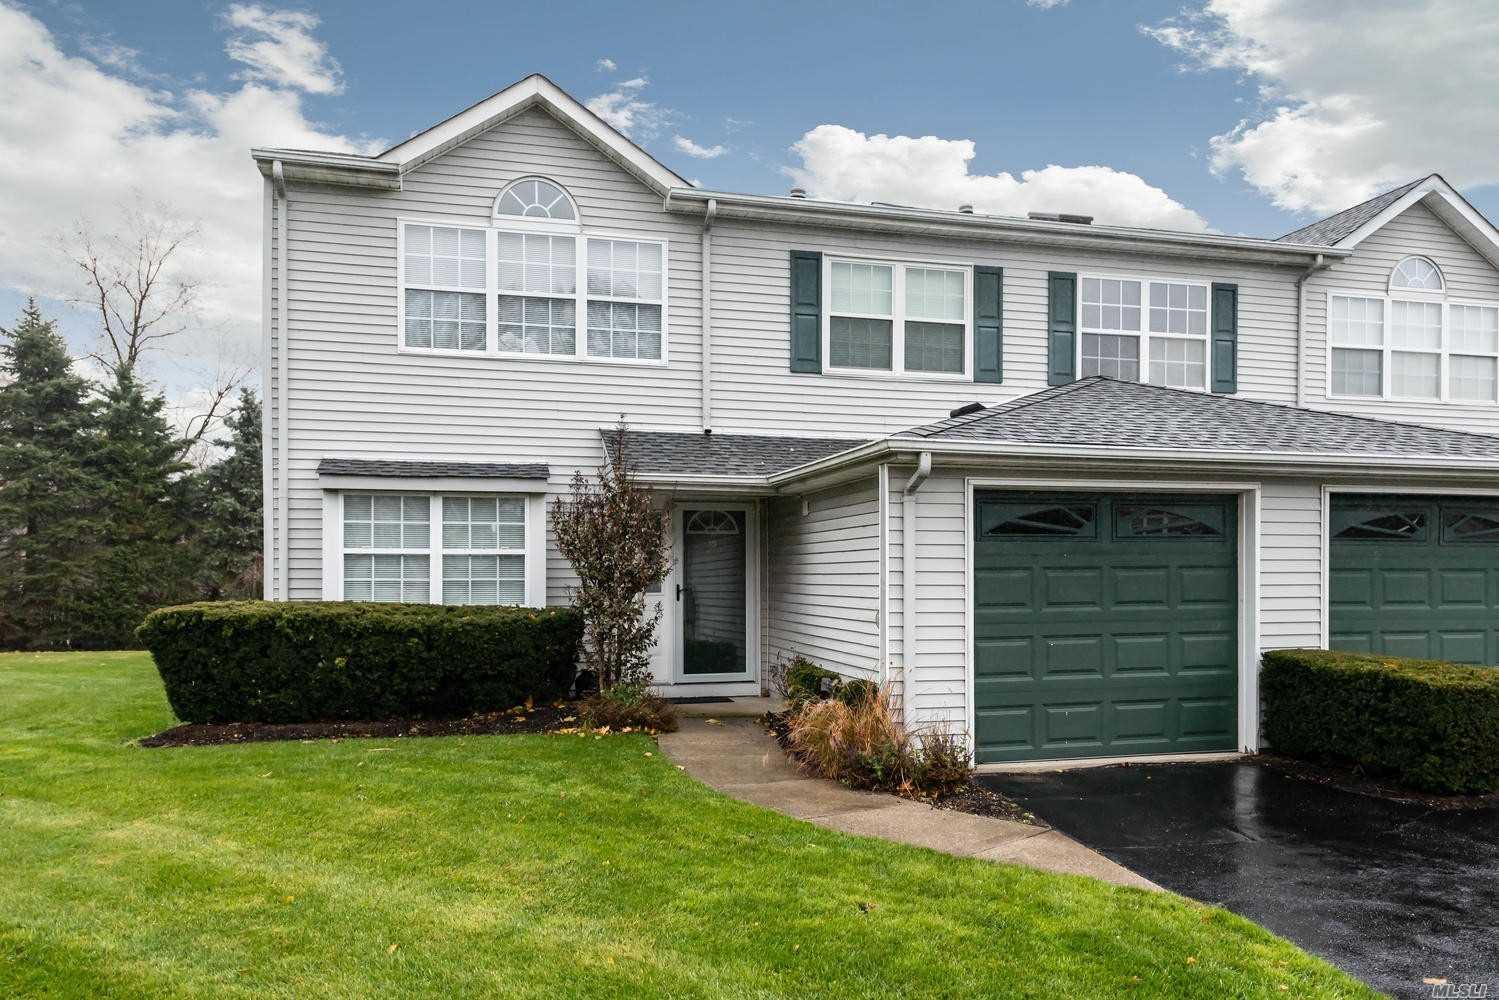 Property for sale at 19 Horizon Ct, Huntington NY 11743, Huntington,  New York 11743